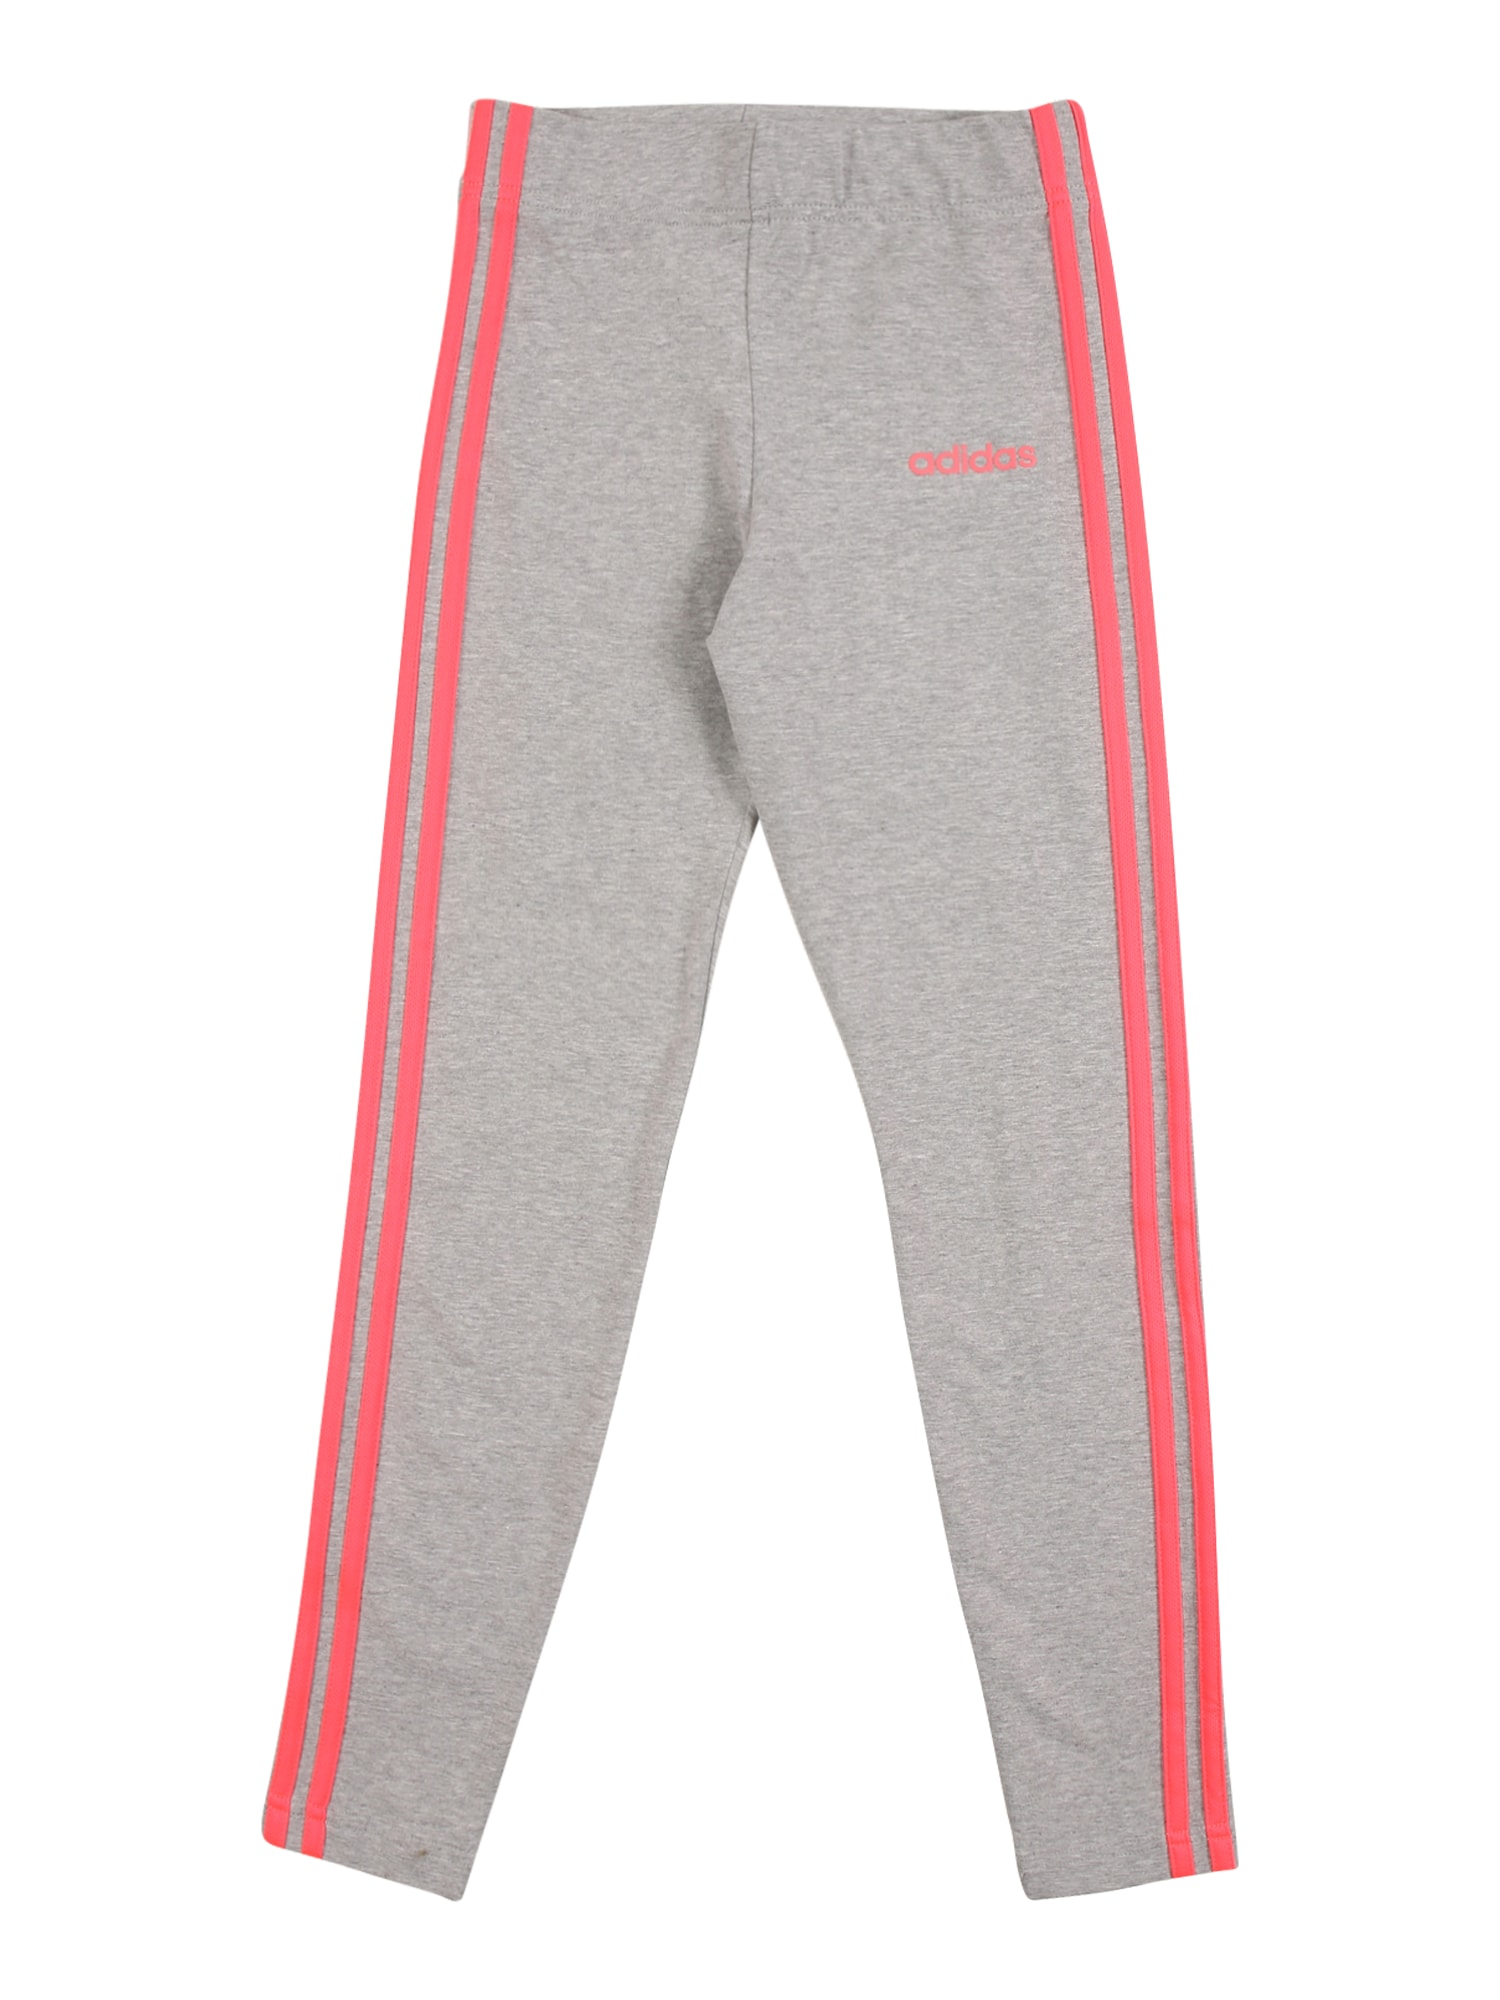 ADIDAS PERFORMANCE Sportinės kelnės lašišų spalva / pilka